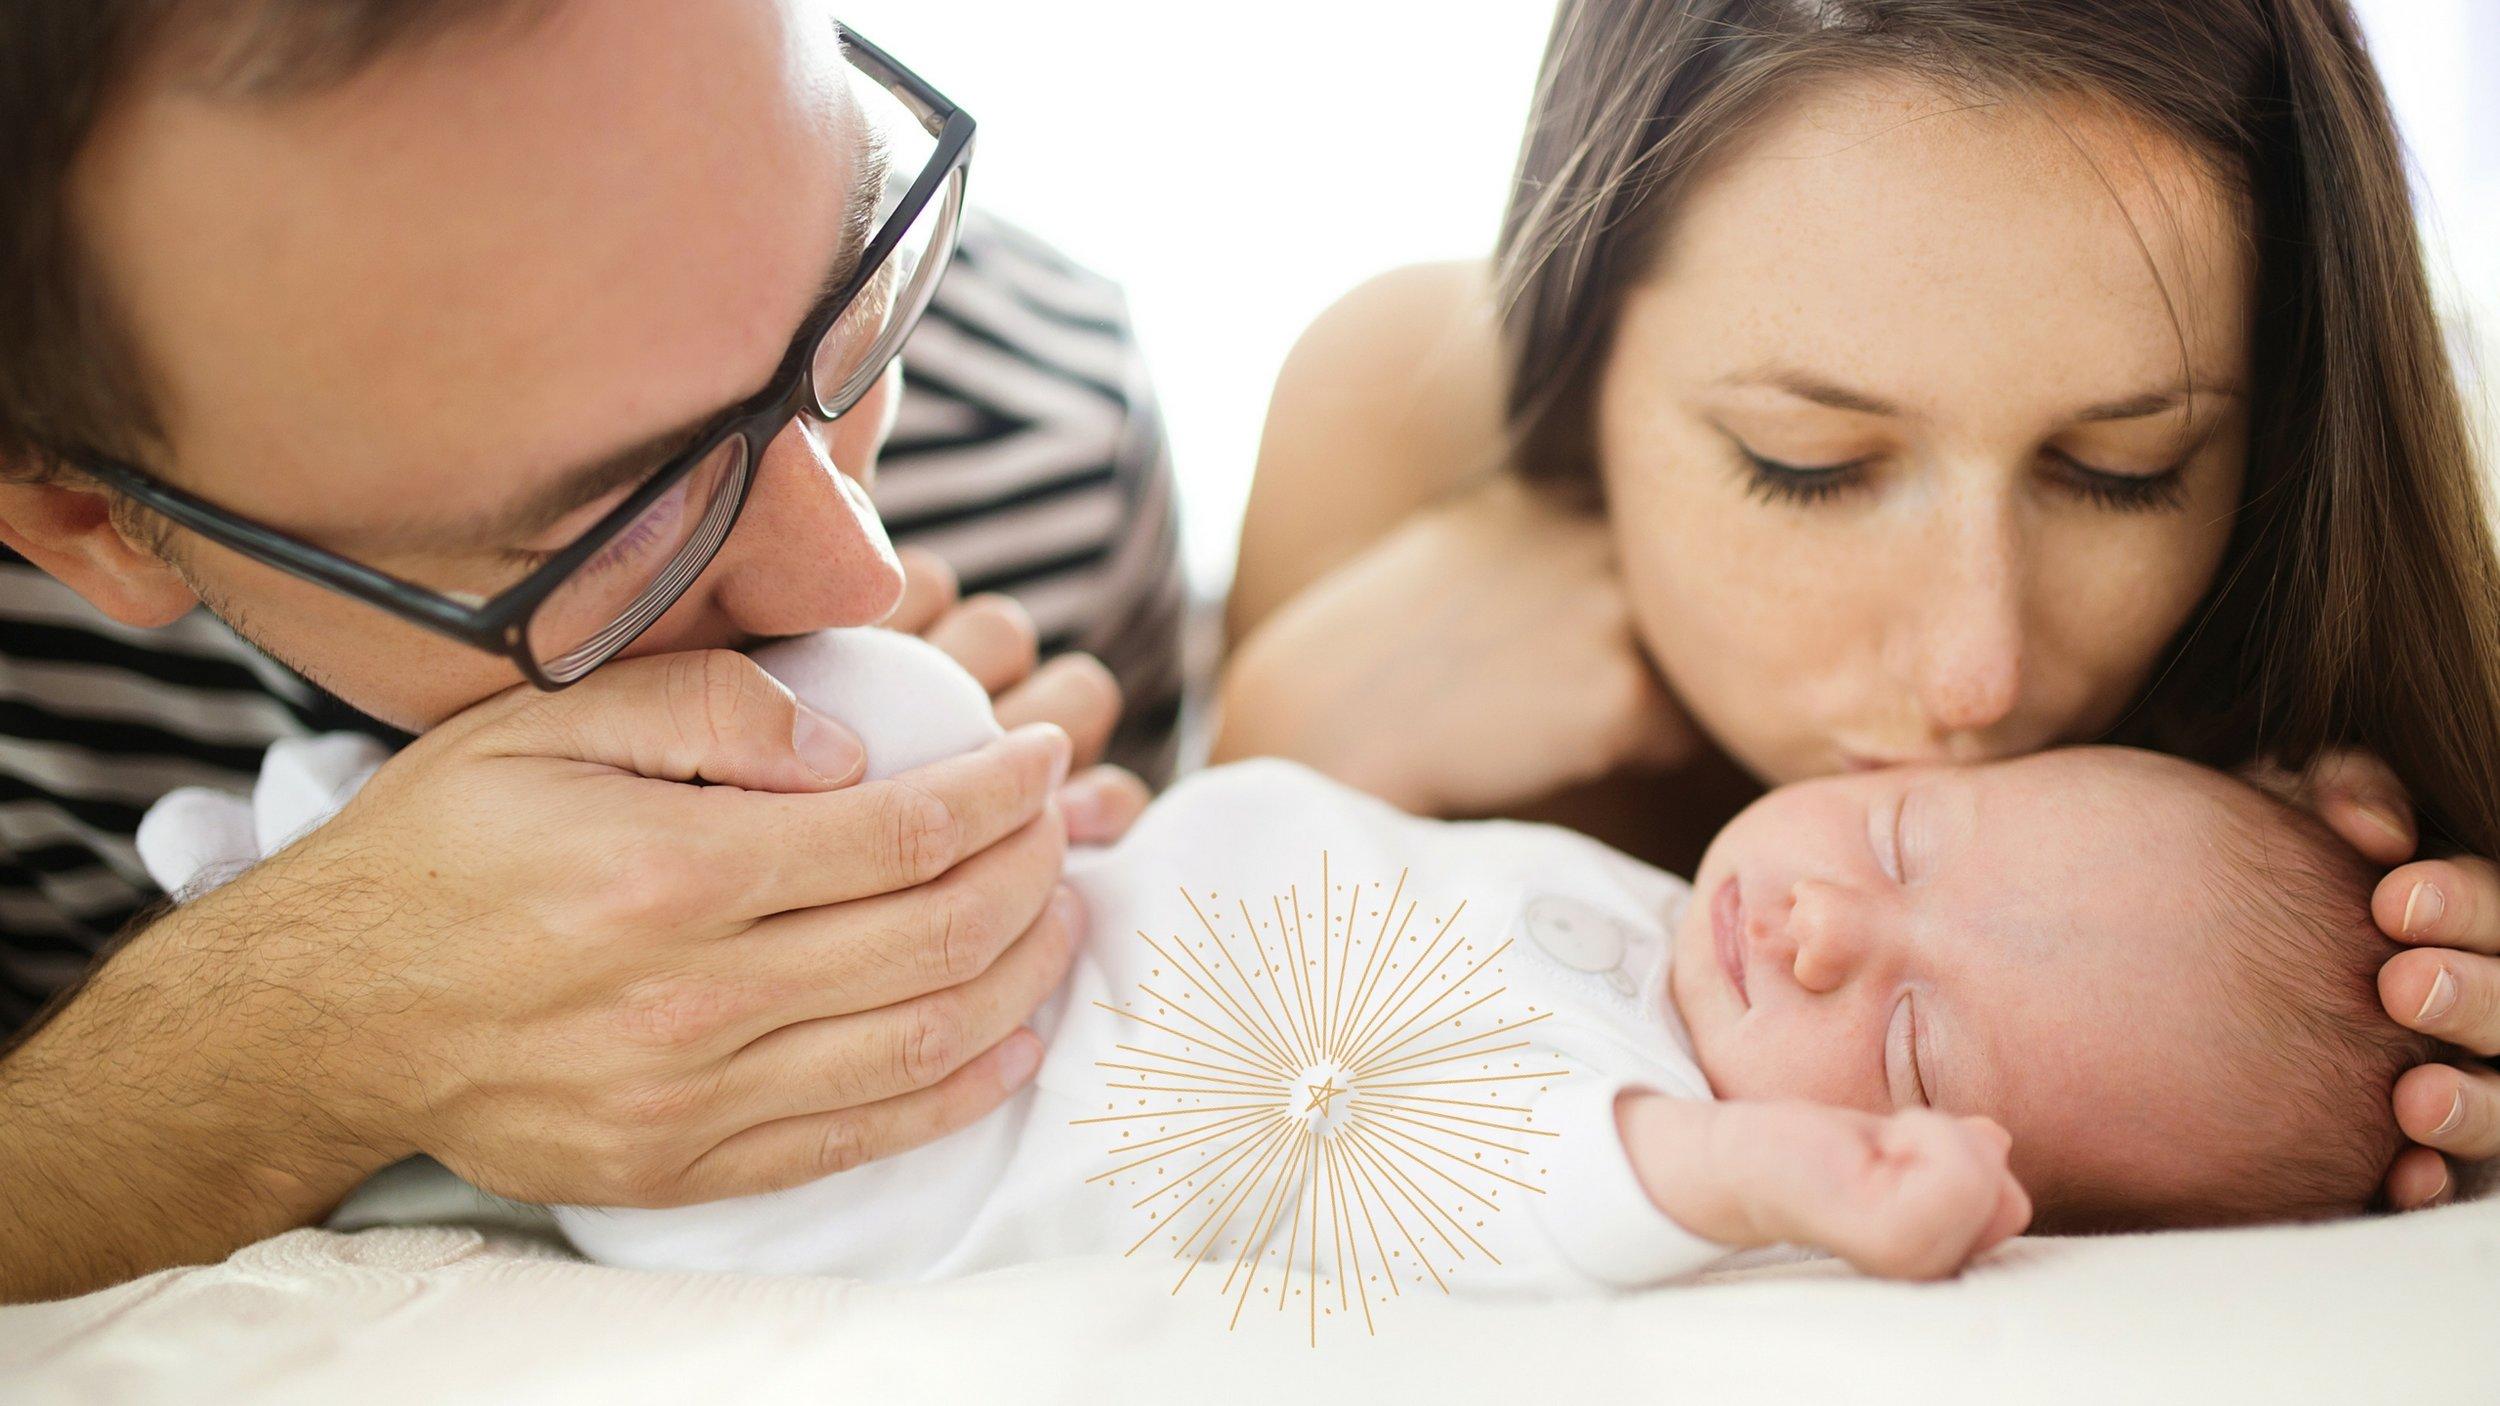 Baby brilliance -